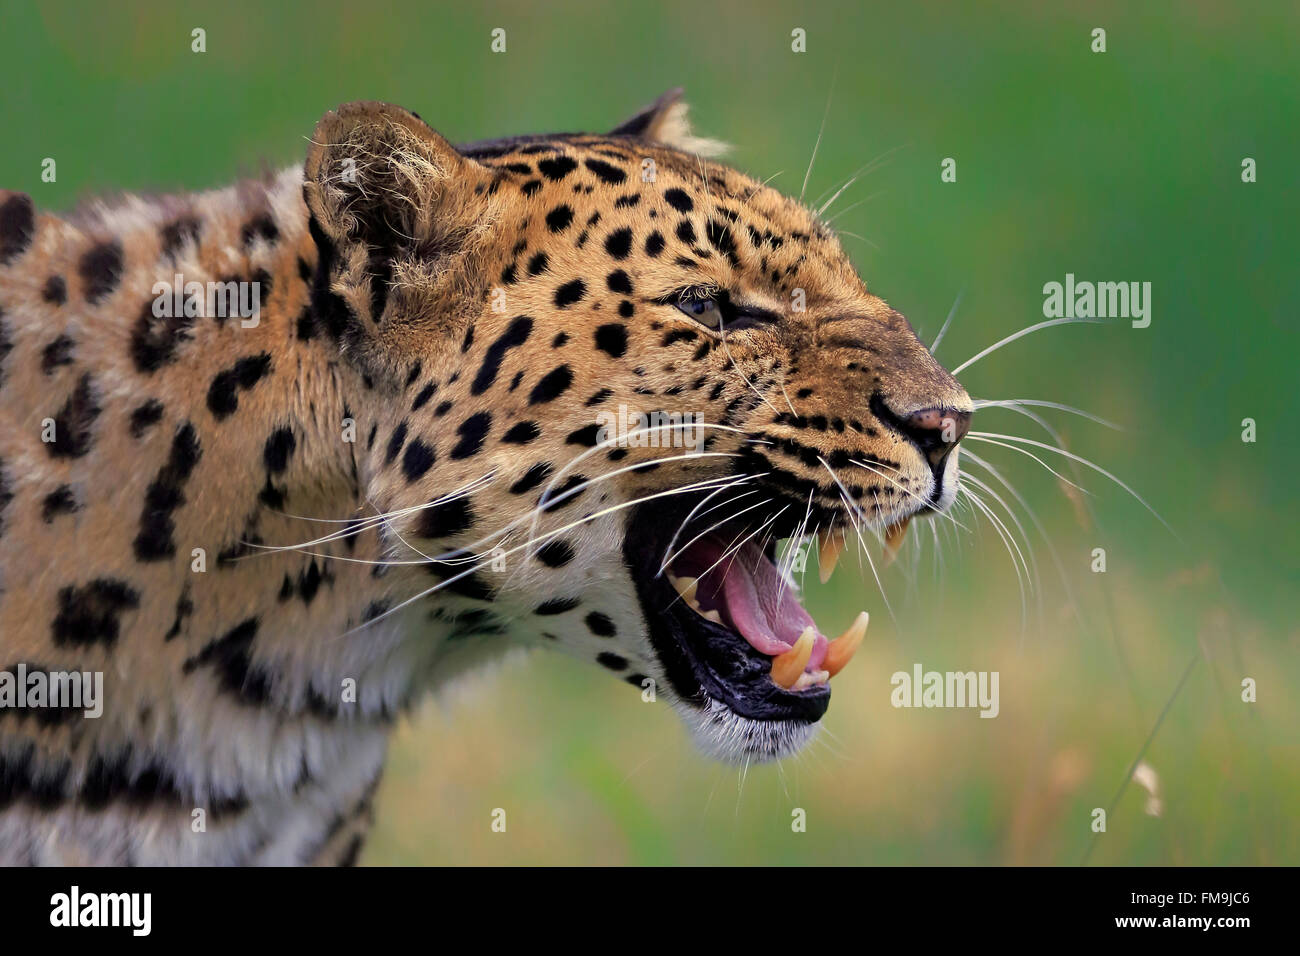 Amur leopard, Asia / (Panthera pardus orientalis) - Stock Image